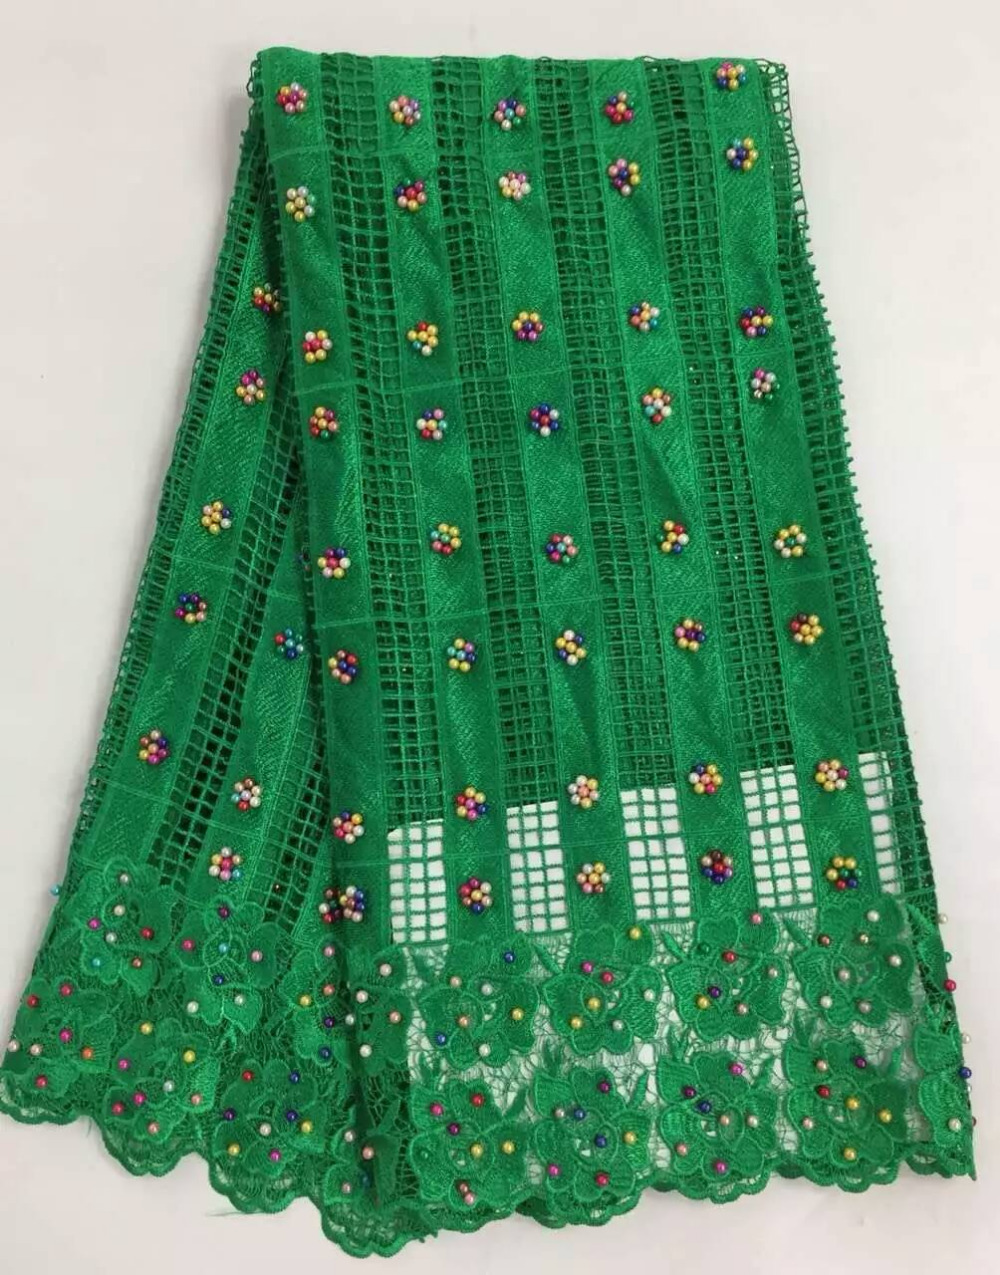 Fashion Design afryki gipiury koronki tkaniny zielony nigerii suche koronki z koralikami francuski przewód koronki kobiety ubrania imprezowe GD124B 2 w Koronka od Dom i ogród na AliExpress - 11.11_Double 11Singles' Day 1